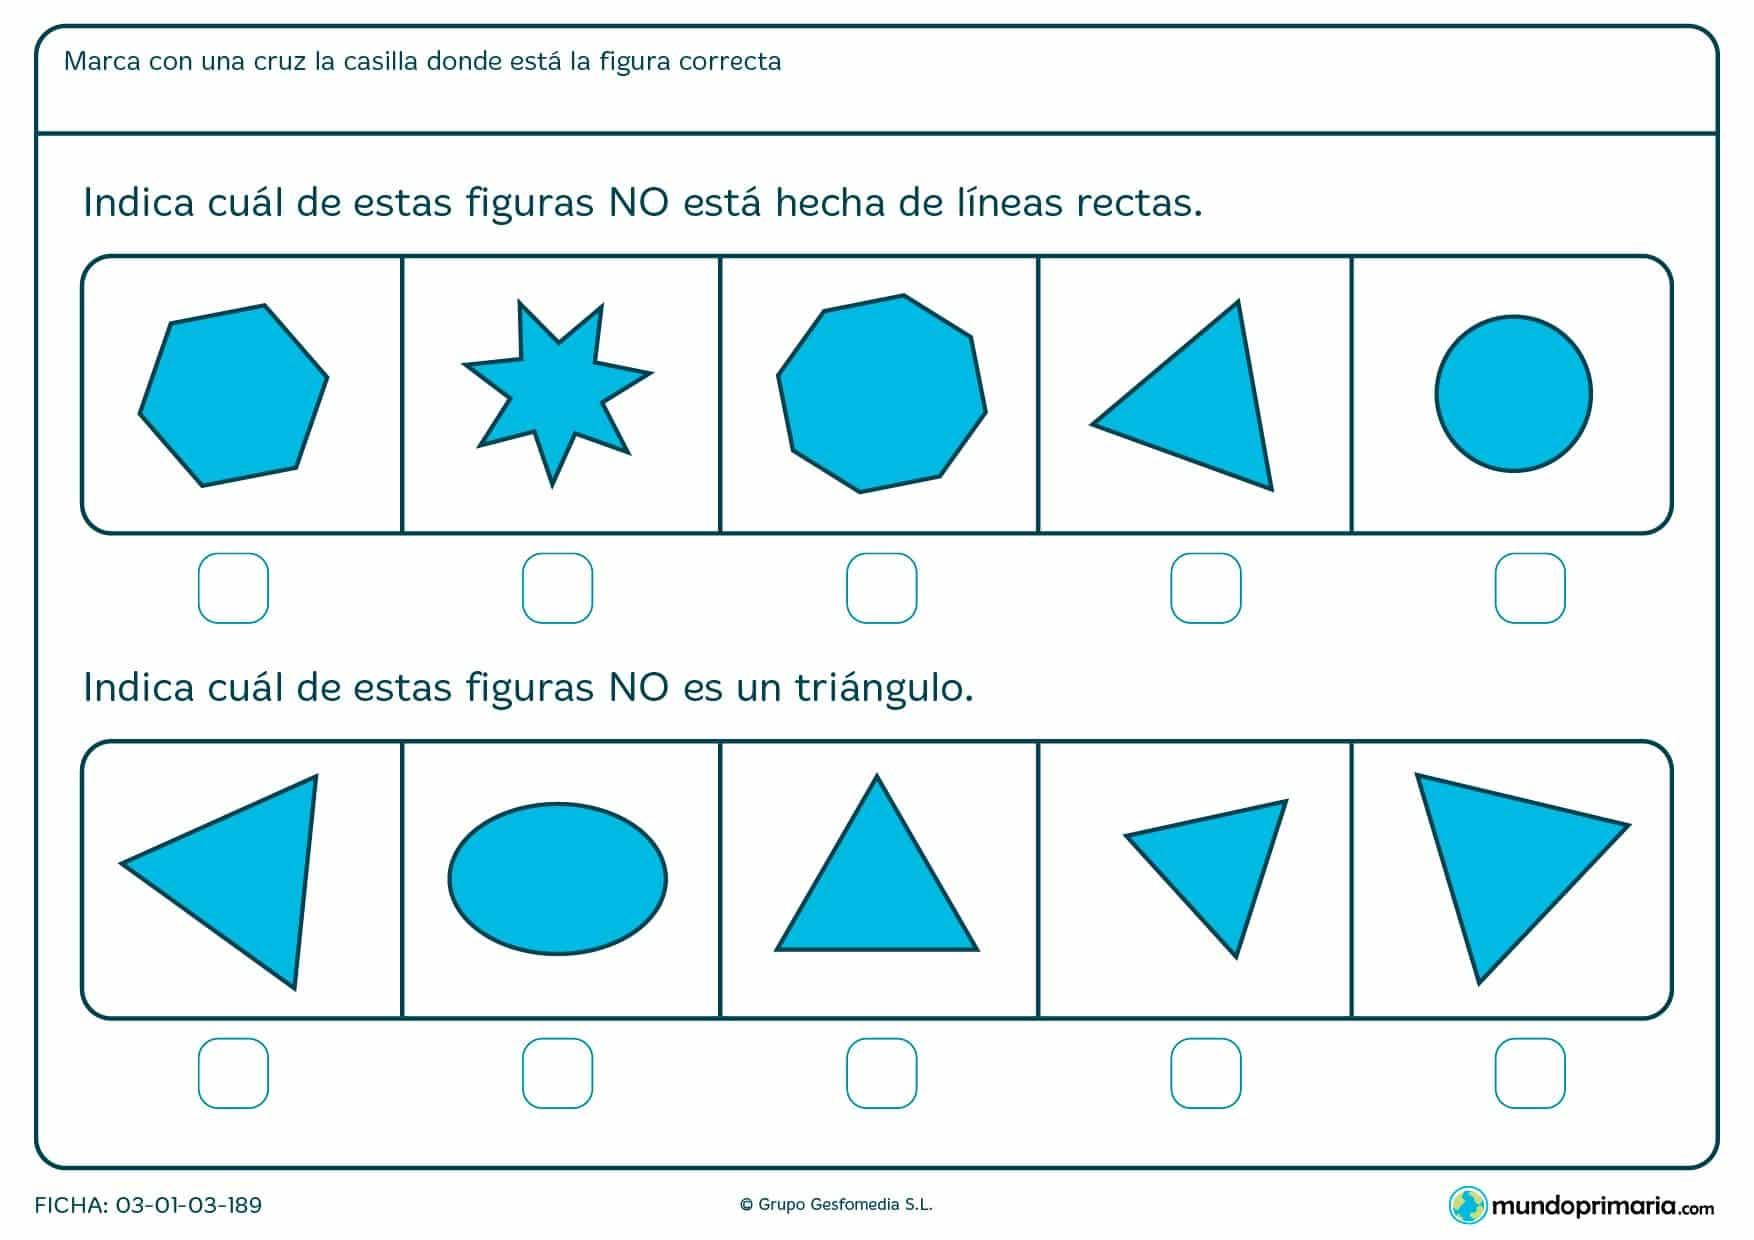 Ficha de líneas rectas para niños 7 años con actividades de refuerzo